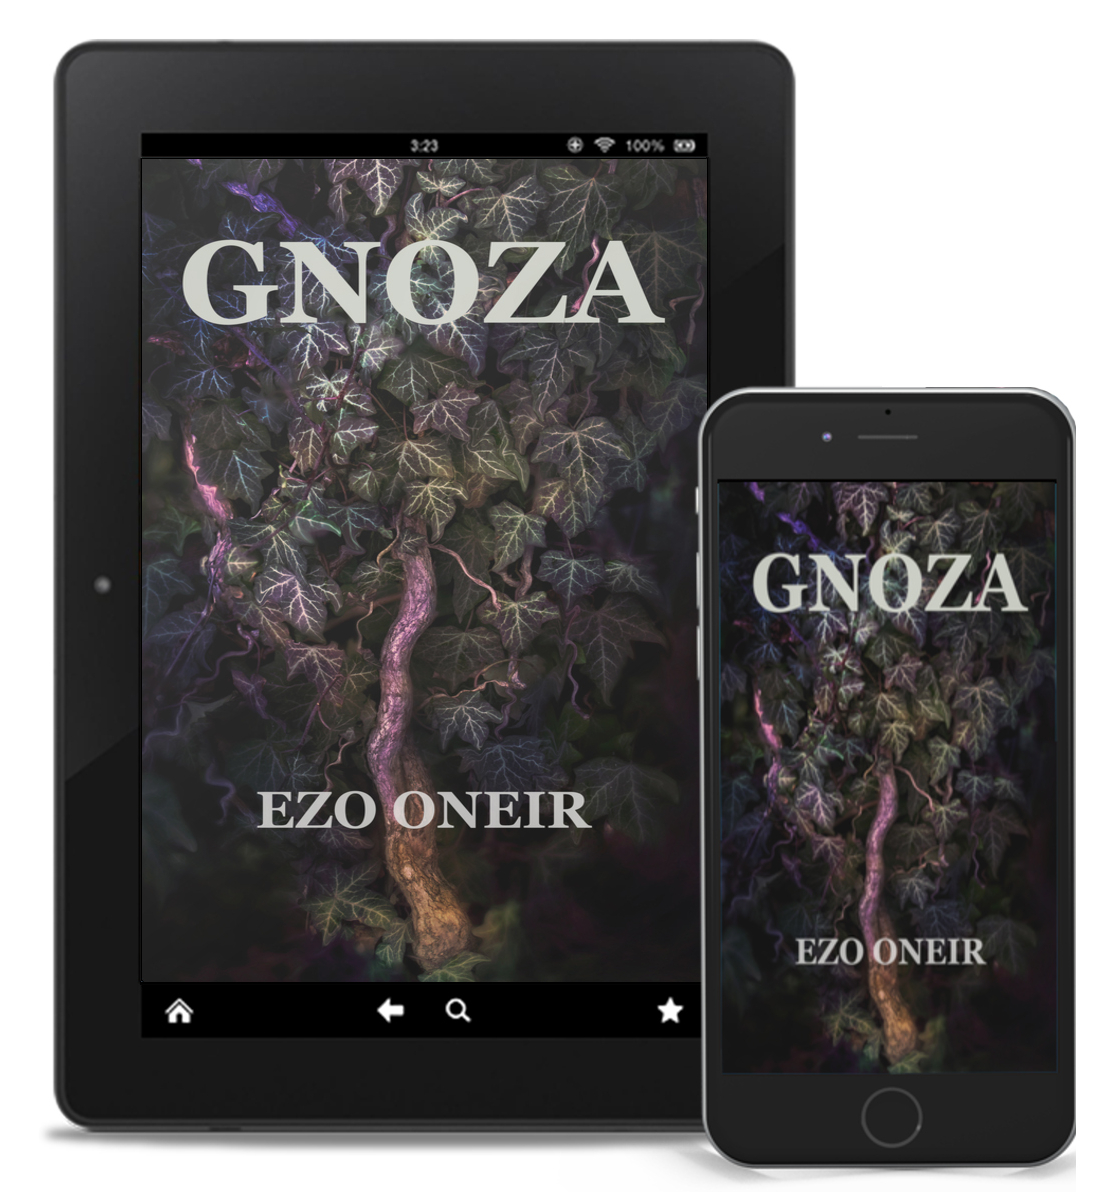 Ezo Oneir powieść dark fantasy. Fotografia poza rzeczywistością. Ivy. Wydawnictwo Ezo Oneir. Ebook PDF MOBI EPUB